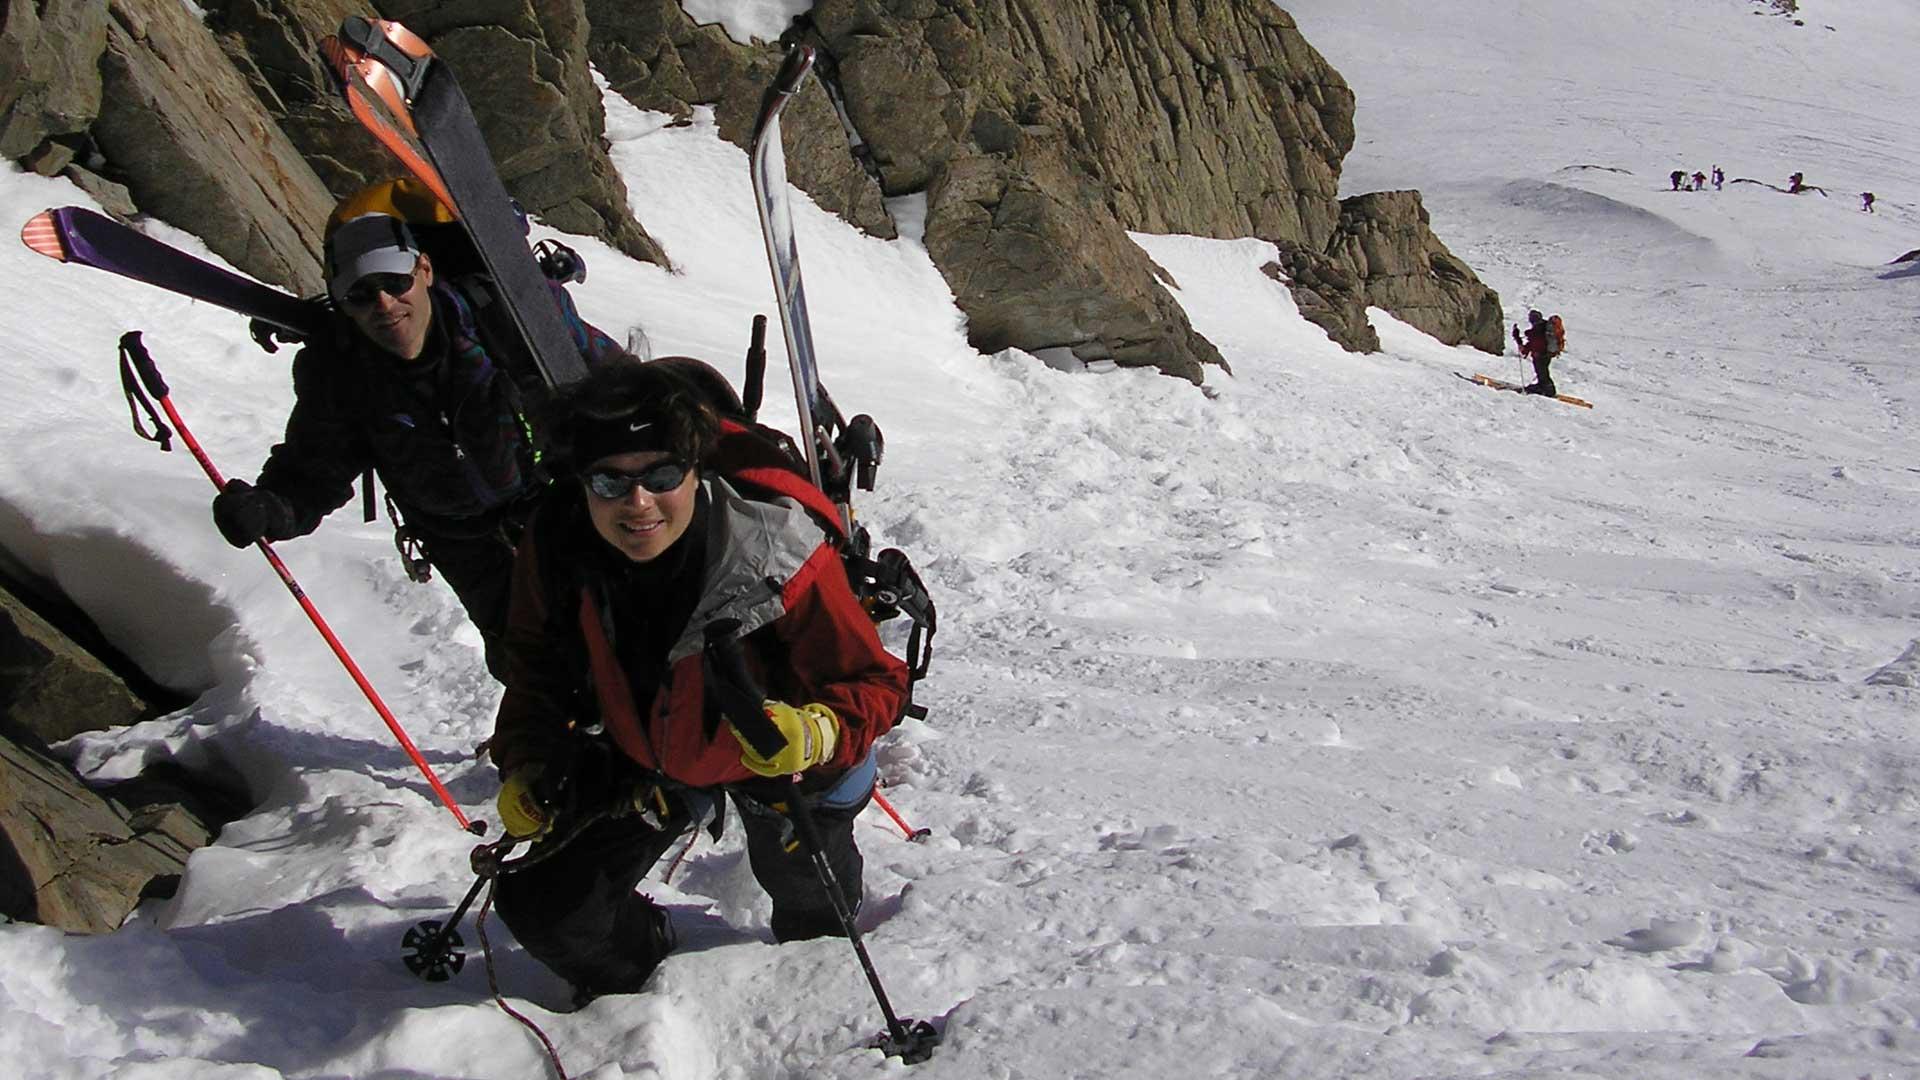 Corsi di sci alpinismo livello 4